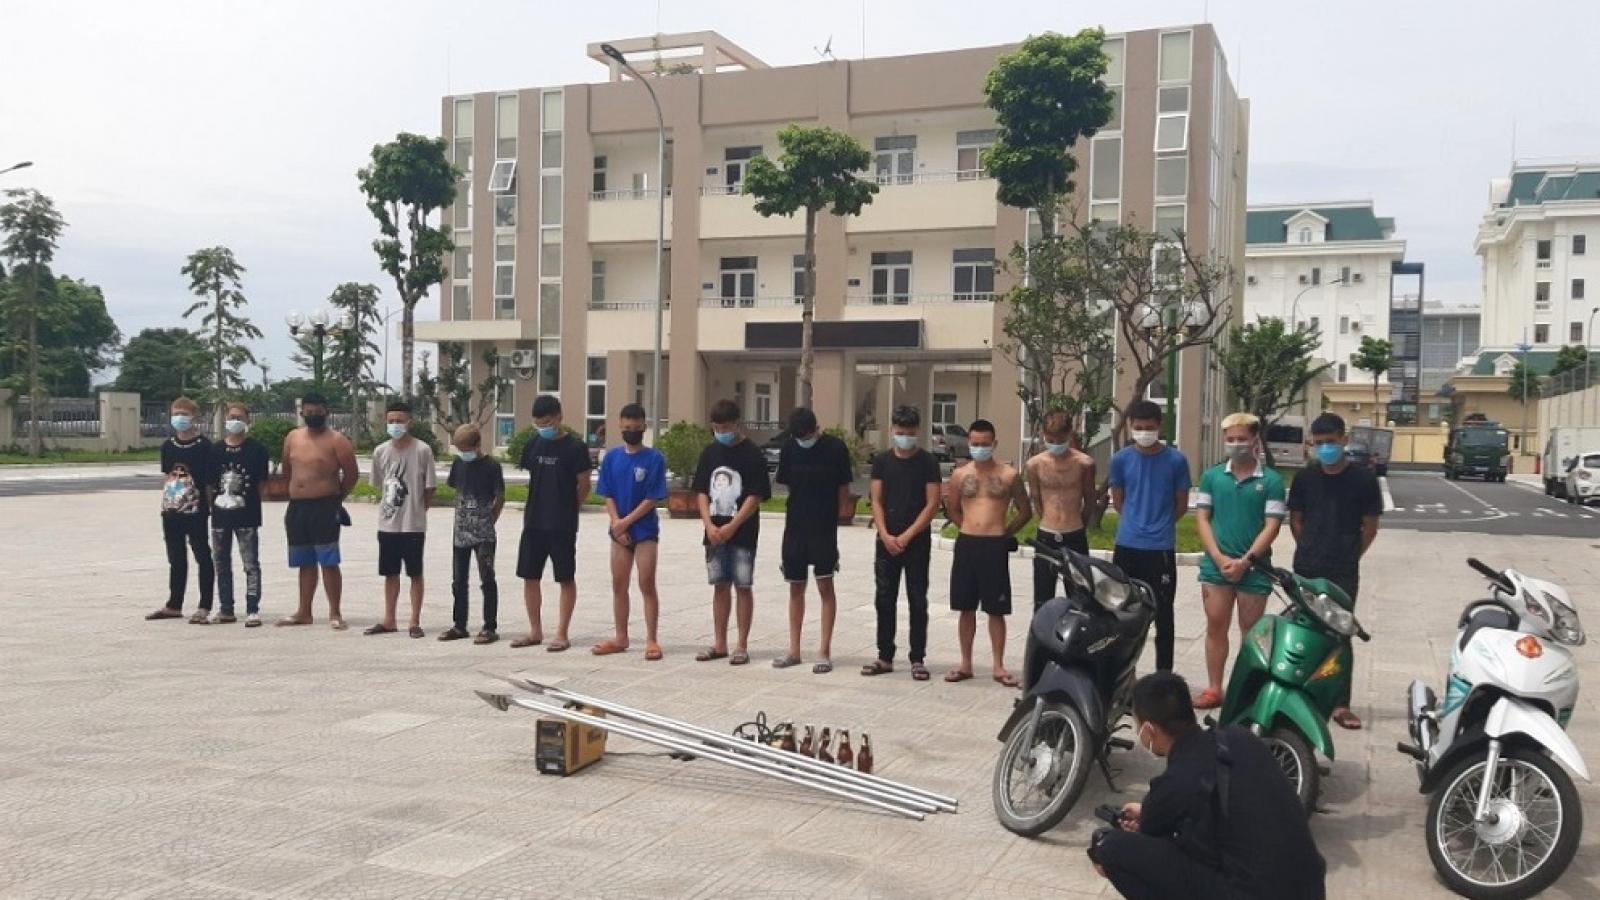 Bắt giữ nhóm thanh niên gây rối trật tự công cộng tại quận Bắc Từ Liêm